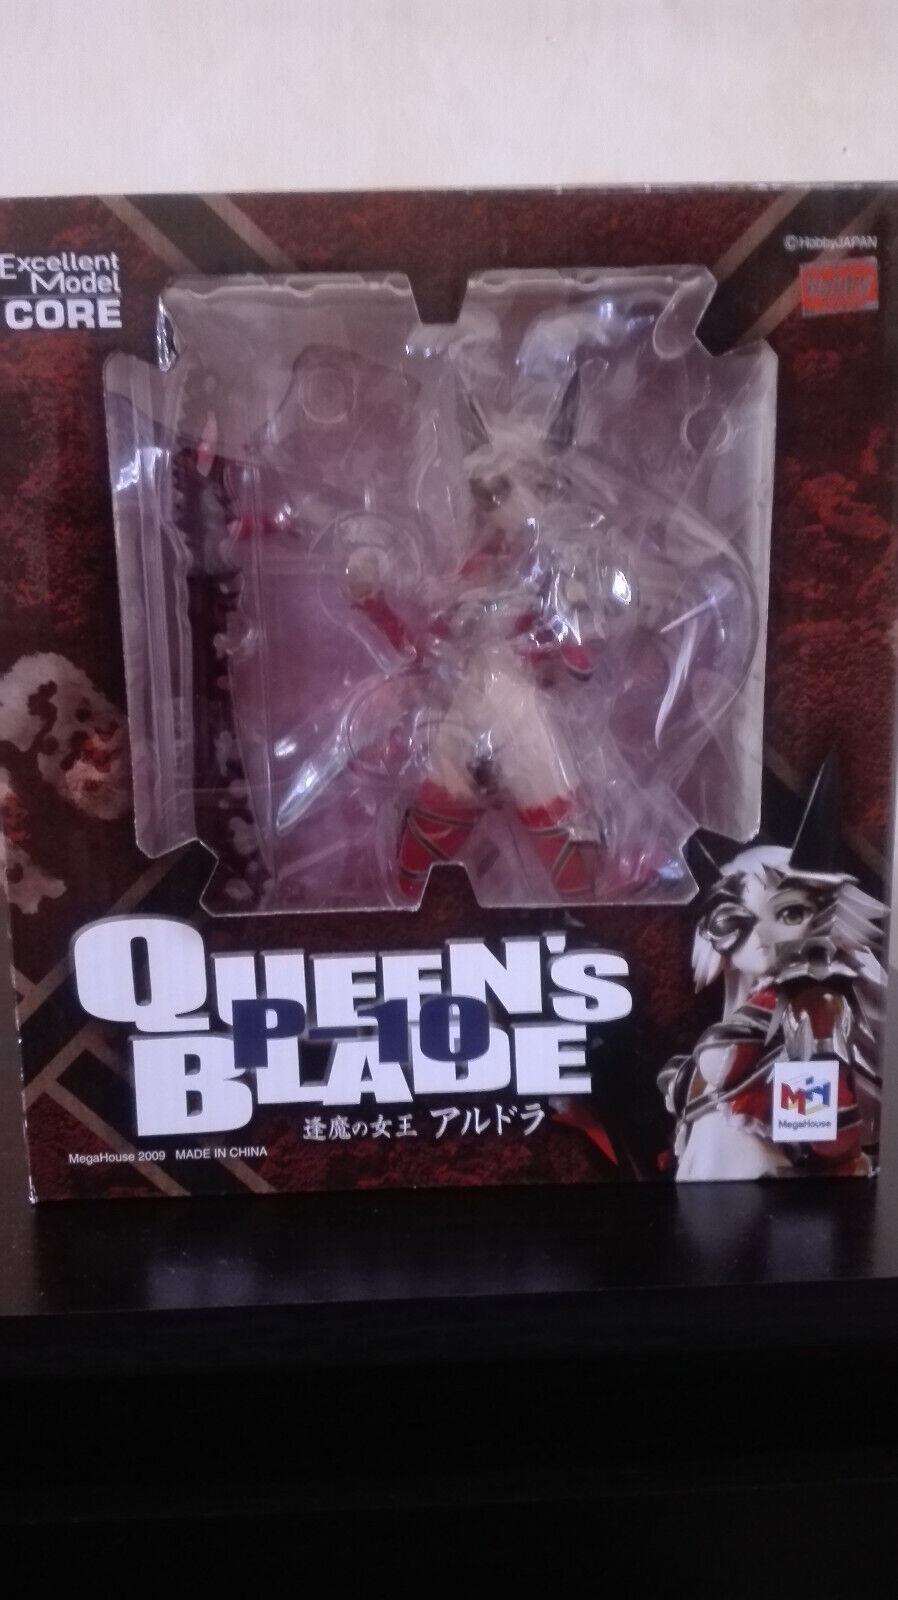 Figurine QUEEN'S BLADE ALDRA ALDORA   P 10 1 8 excellent model core très bon état  prix de gros et qualité fiable